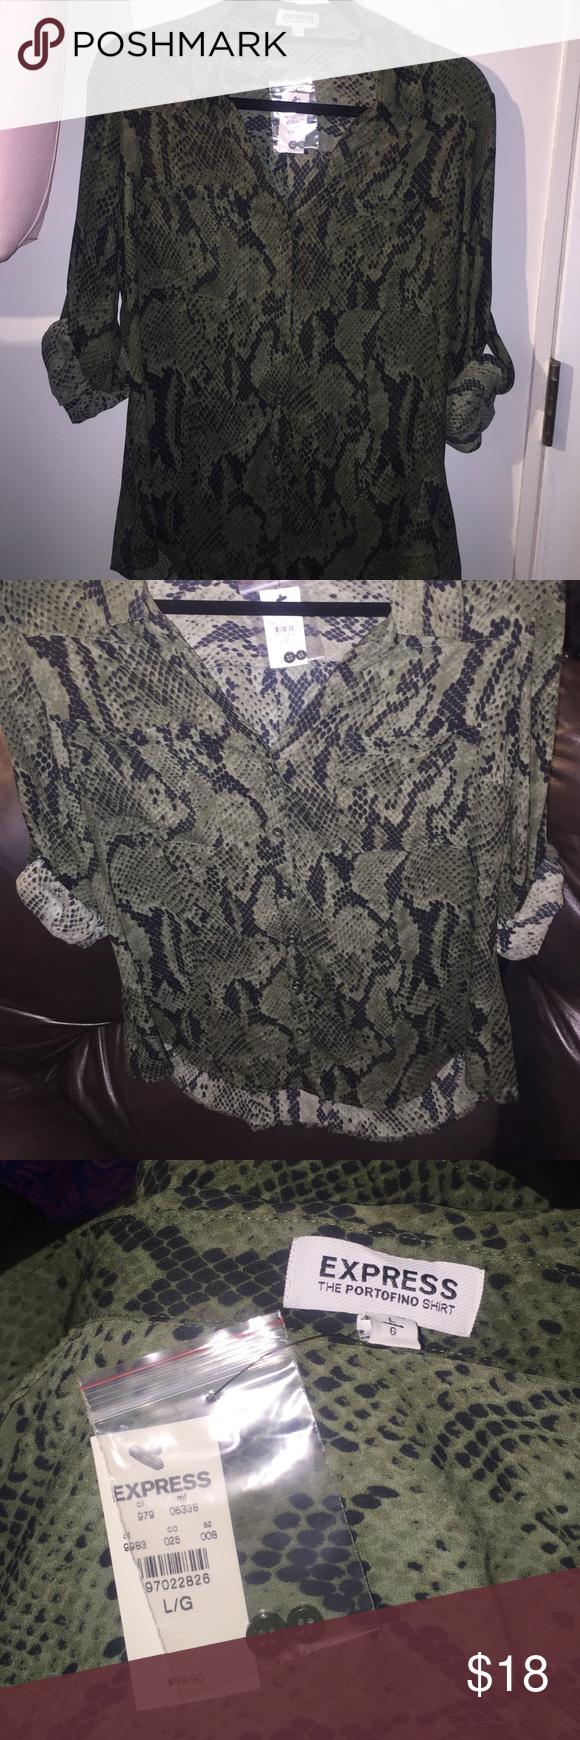 Button down portofino blouse Dark green snakeskin print -button down portofino shirt from express. Express Tops Button Down Shirts